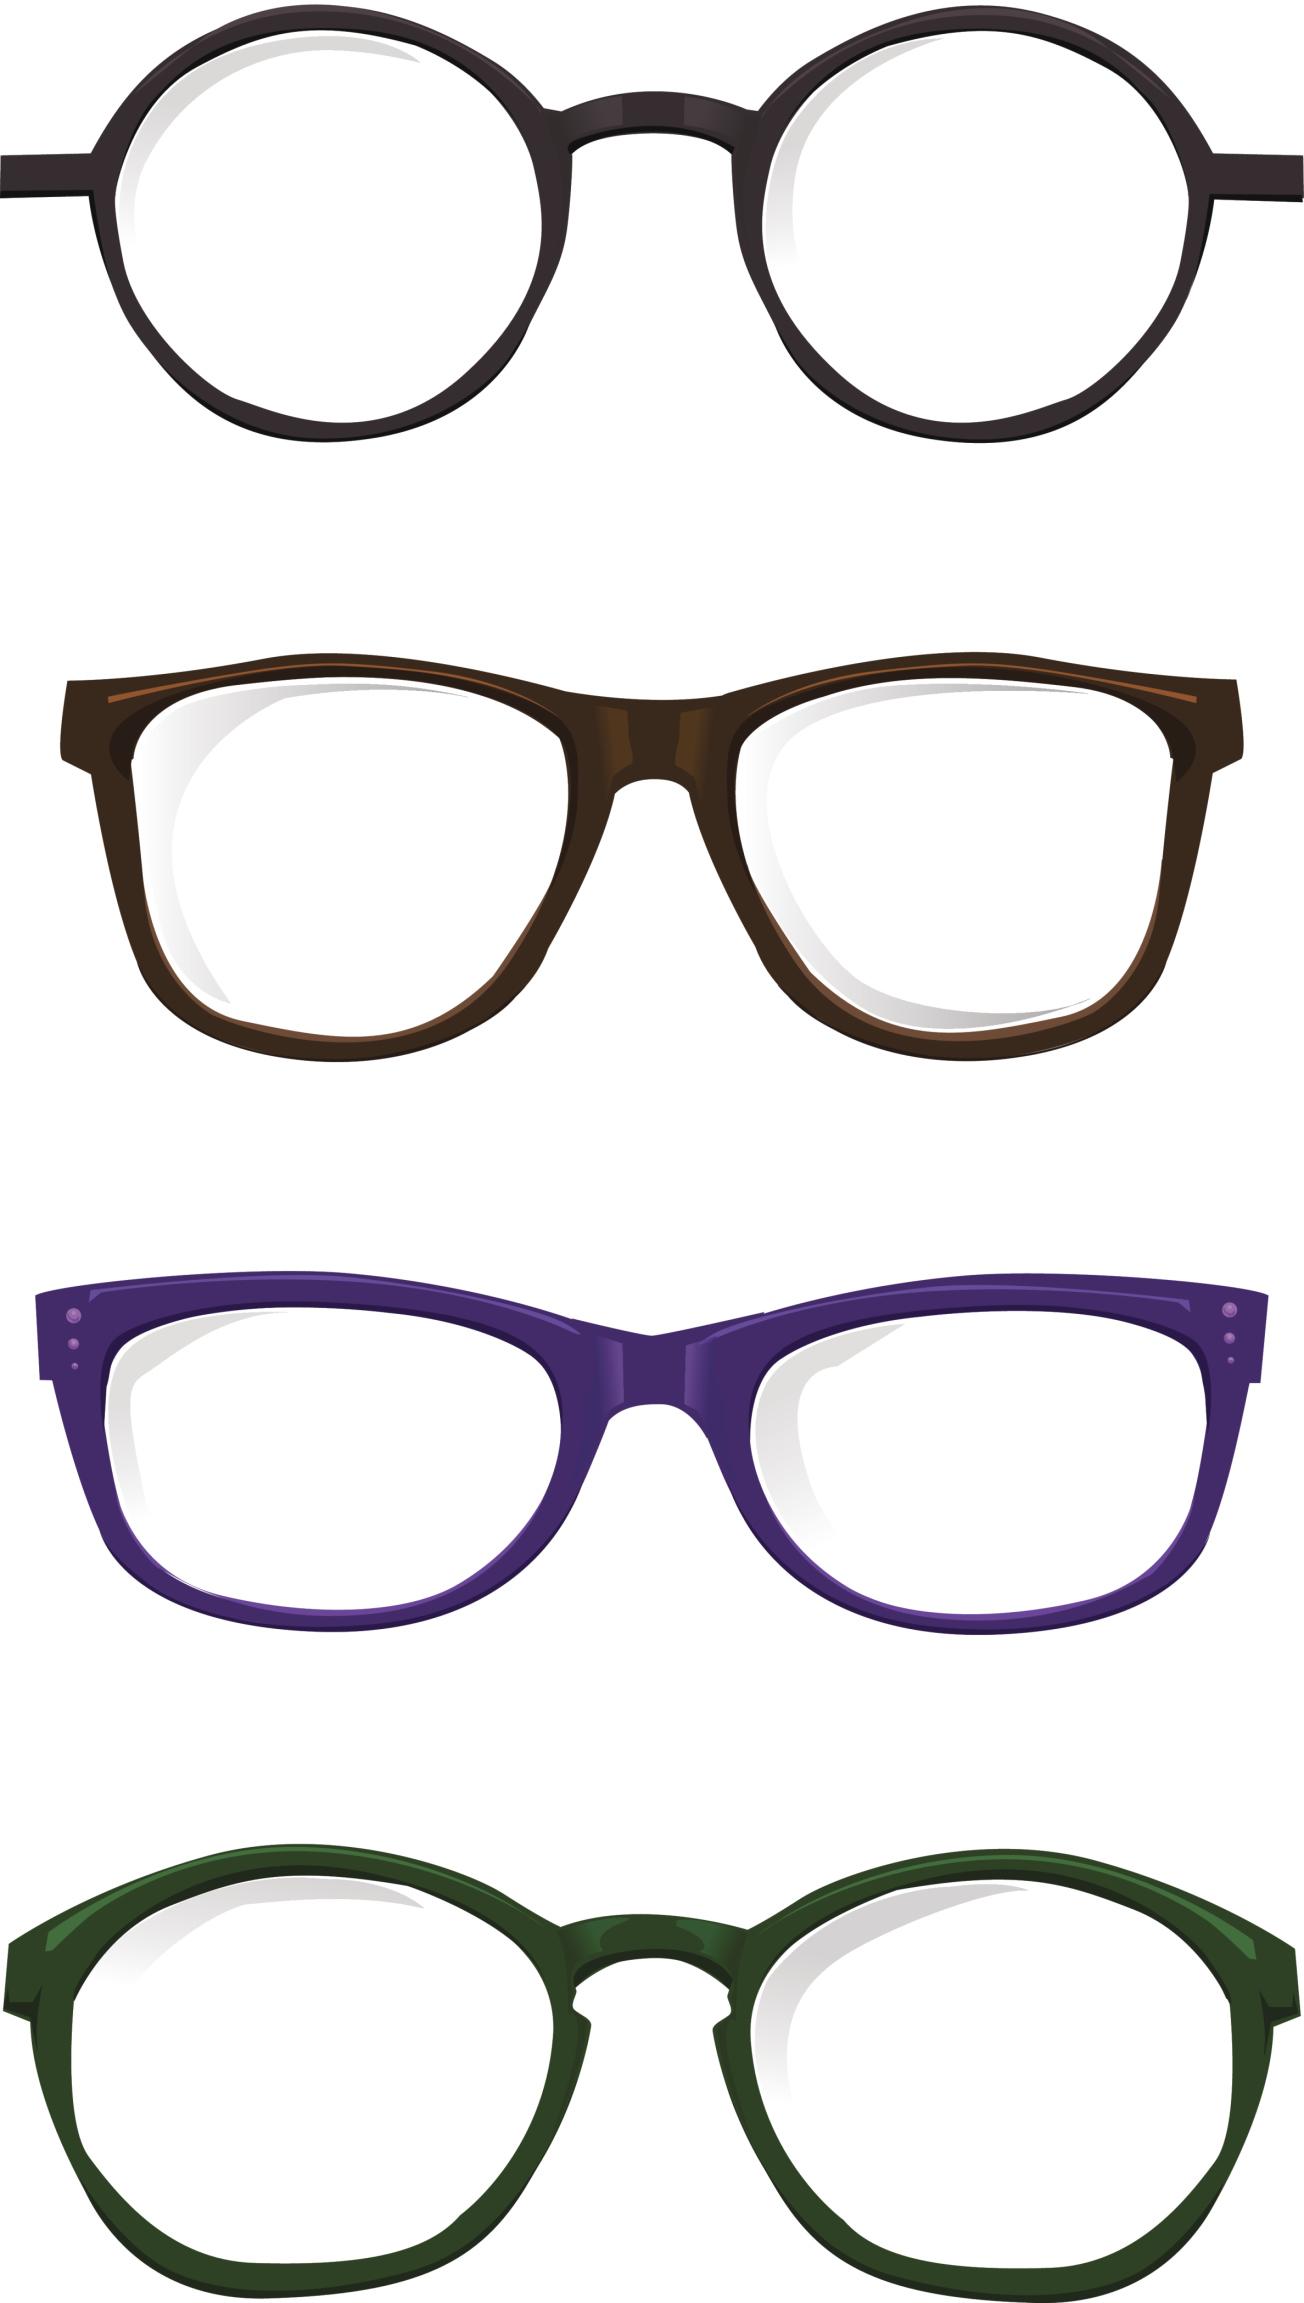 8f126738b0 Los anteojos más 'cool 'para usar en clases | Estilo de Vida Living |  Univision